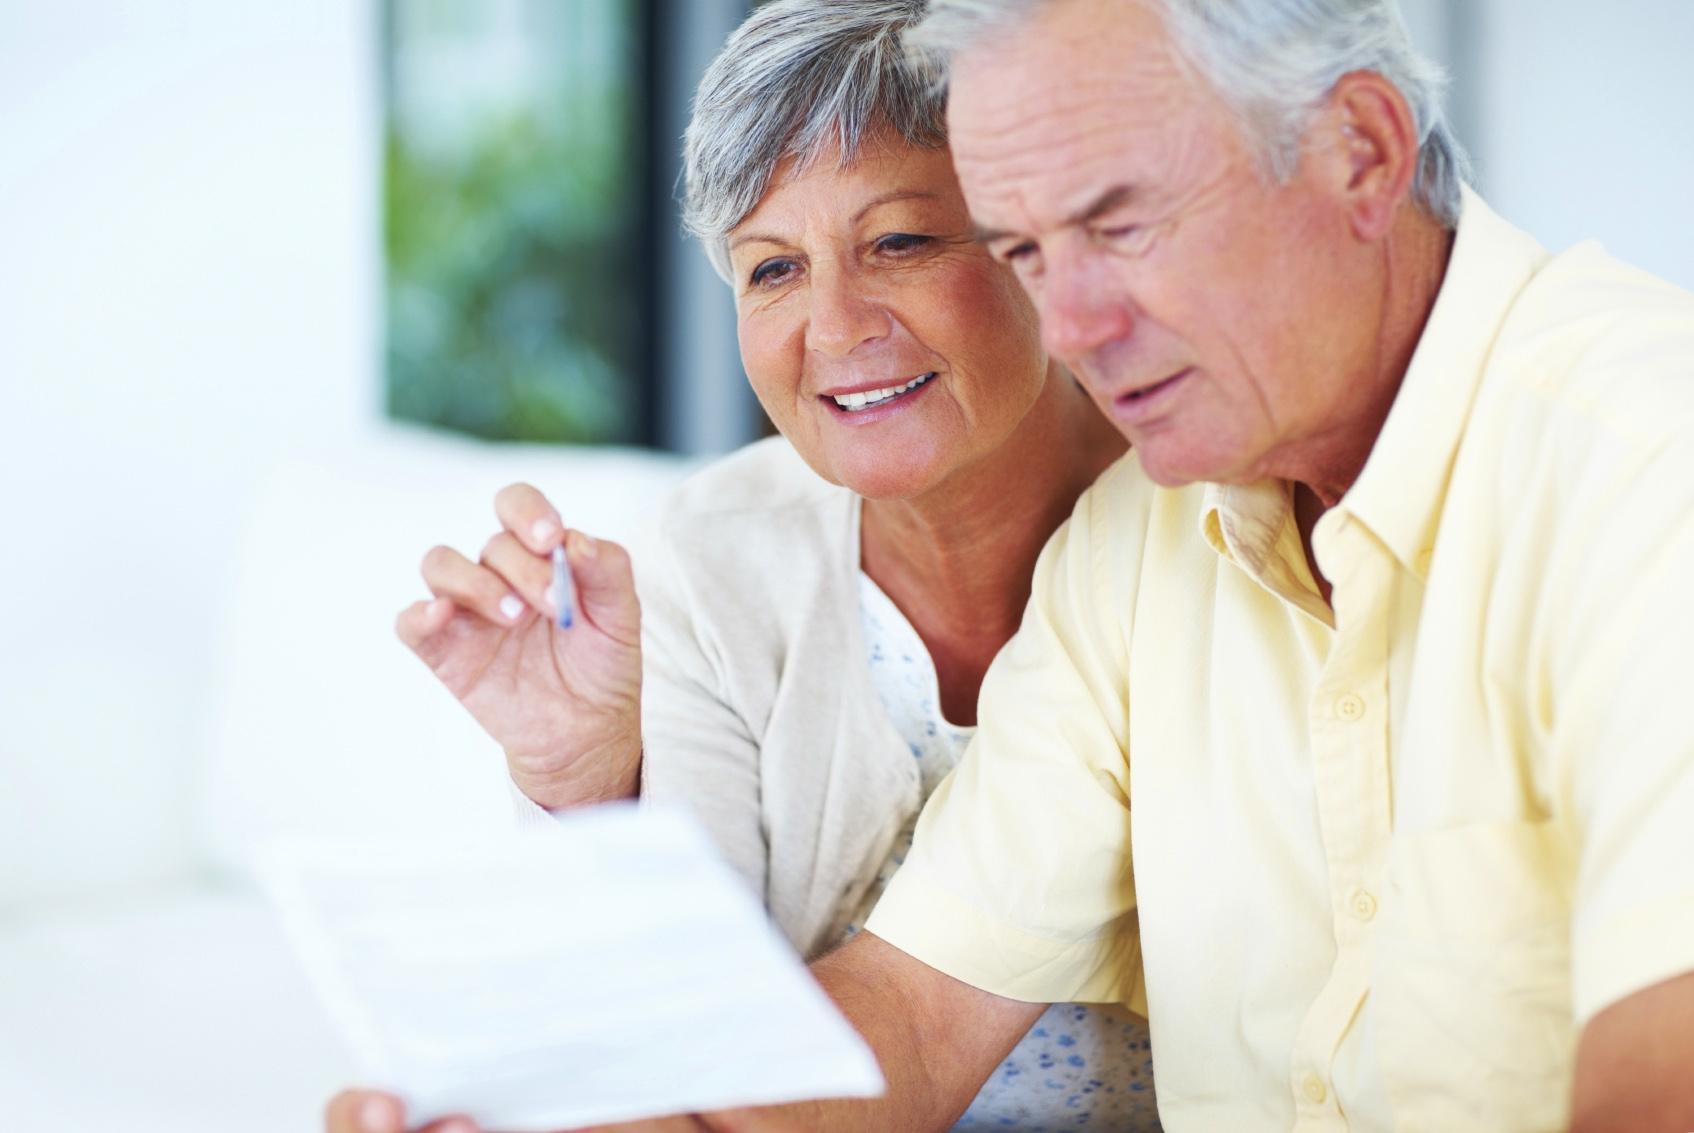 Les prestations gouvernementales de base à la retraite